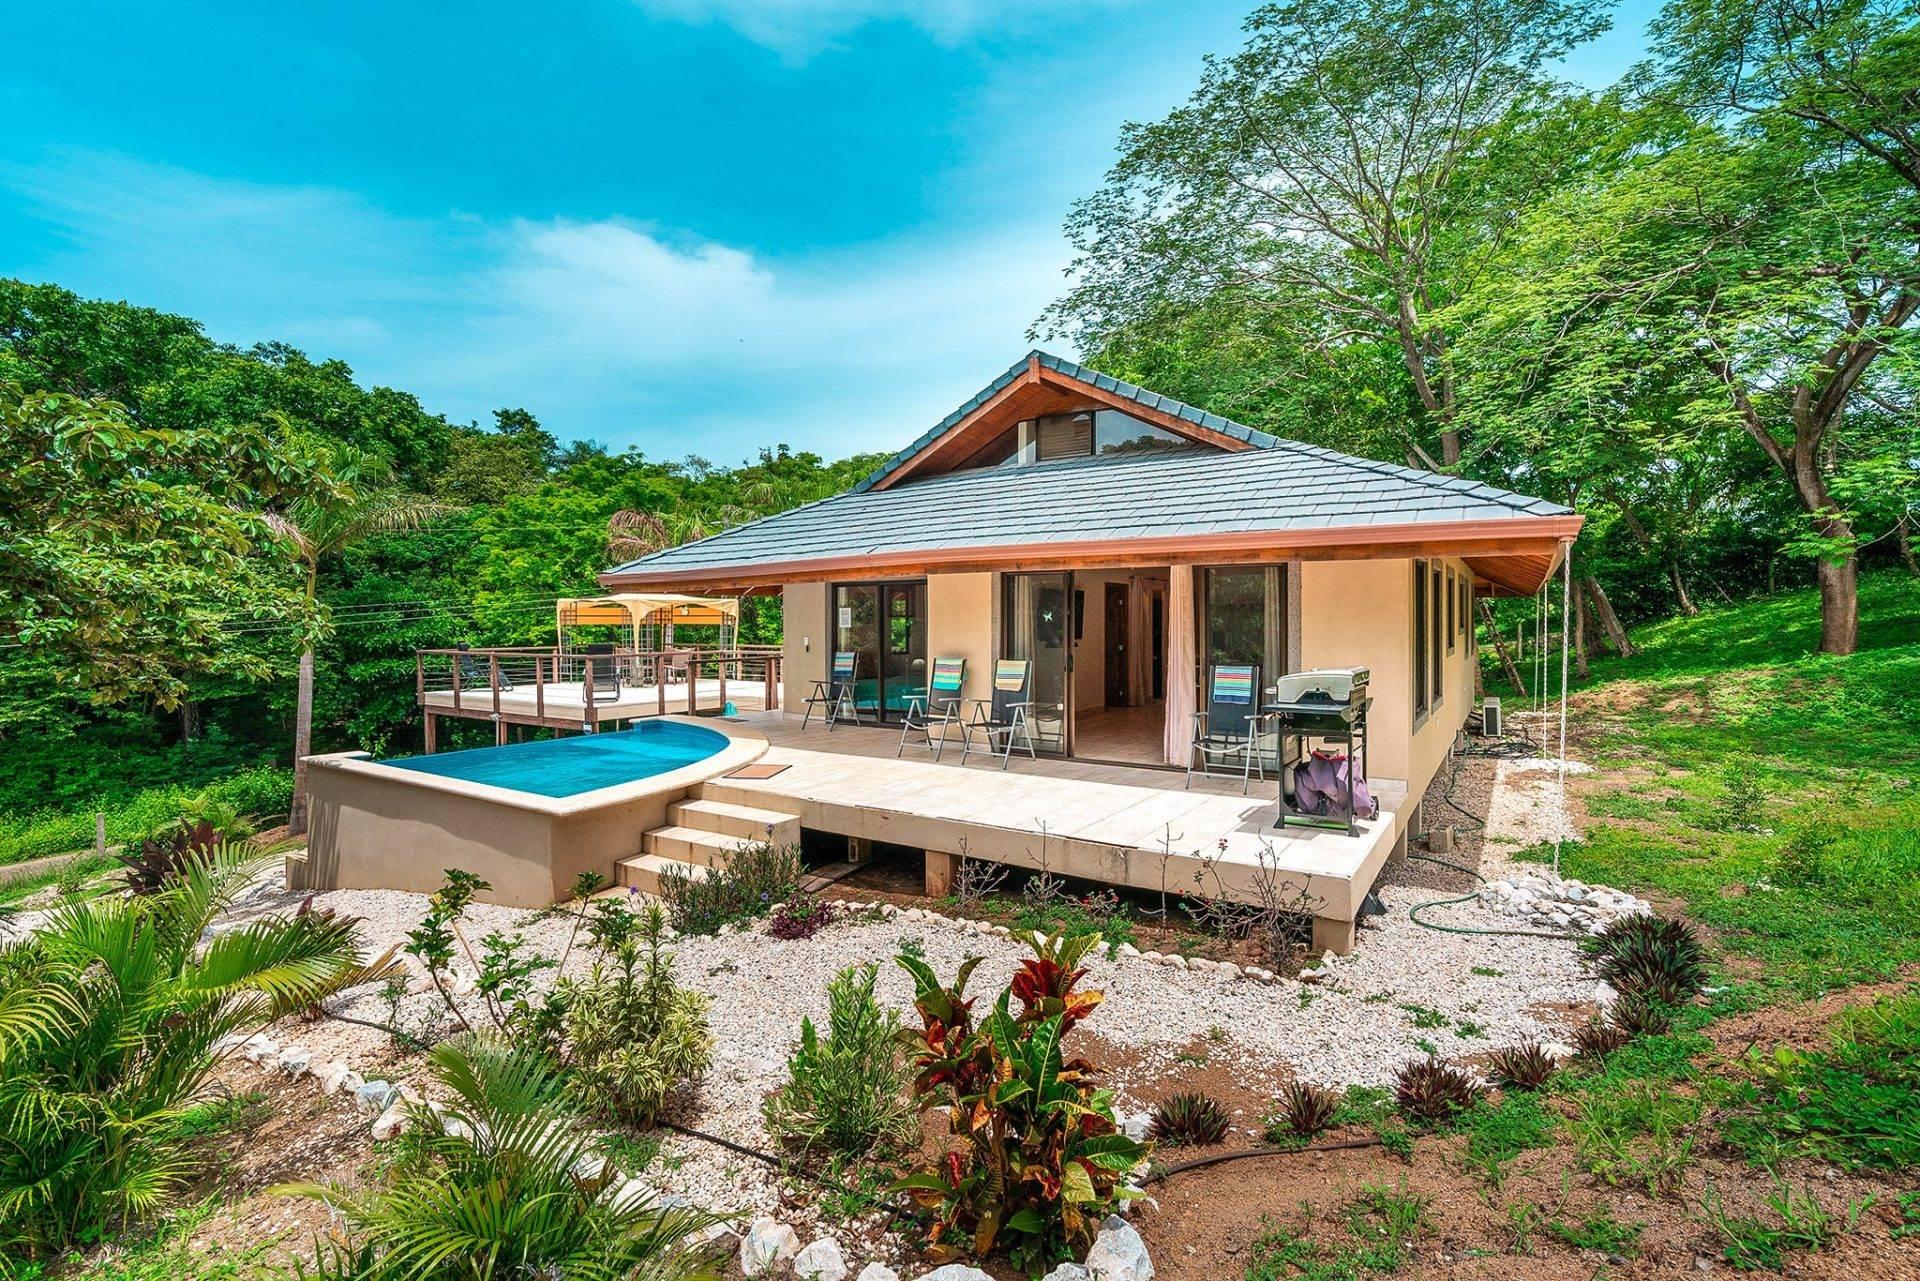 quality of life at Casa Paraiso de Vida